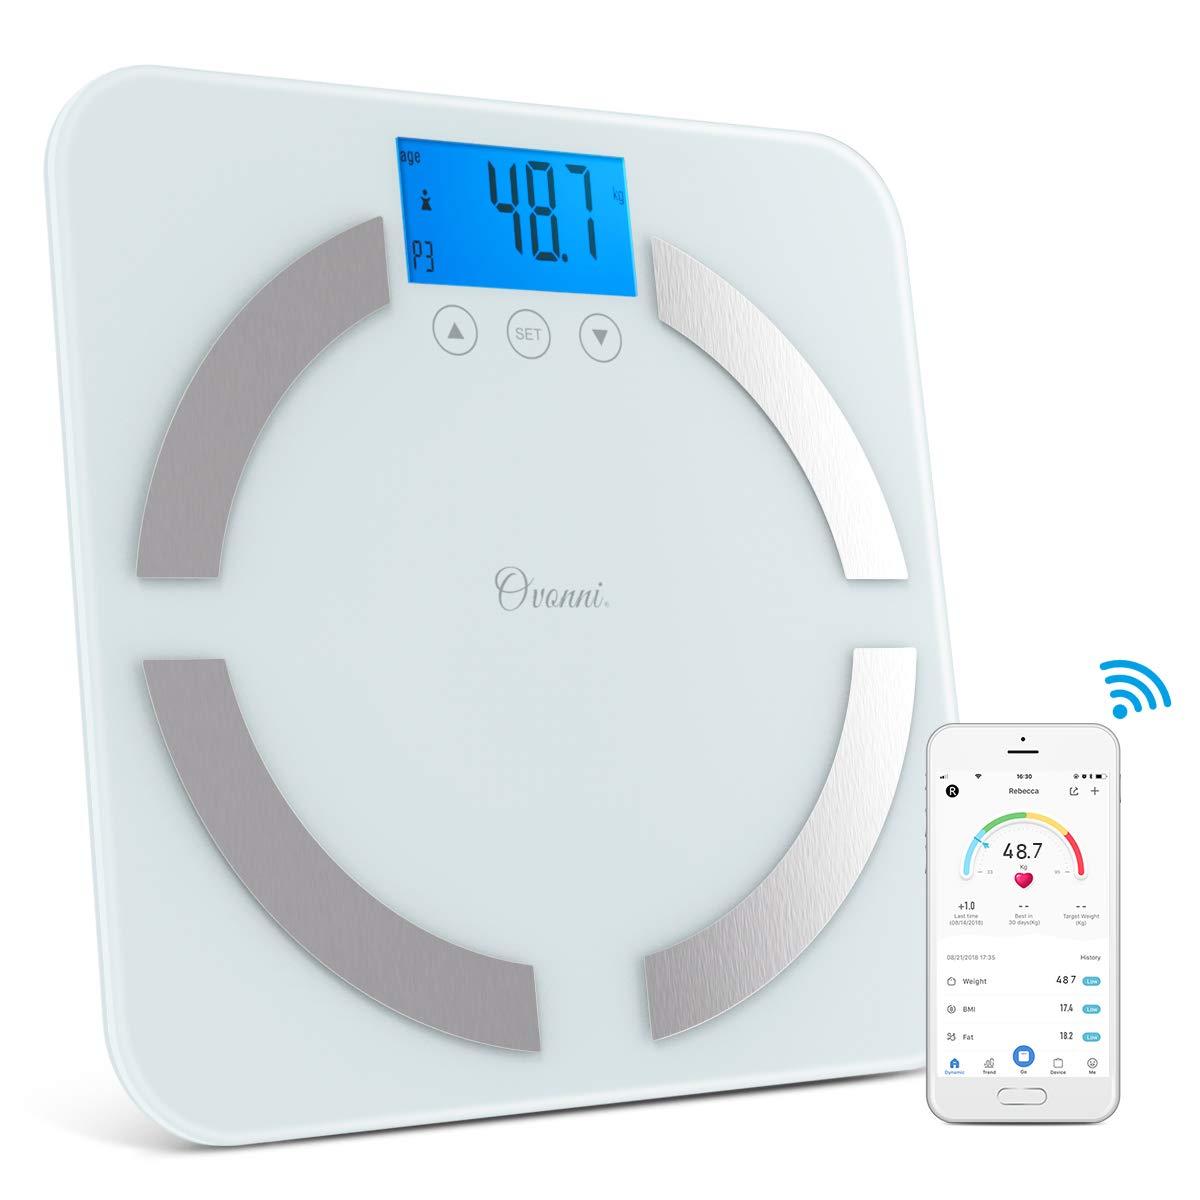 Bascula Baño Digital Eléctrica para Pesar Personas, Análisis Profesional de Masa Corporal, Bascula Inteligente con Bluetooth y App Smart: Amazon.es: Salud y ...